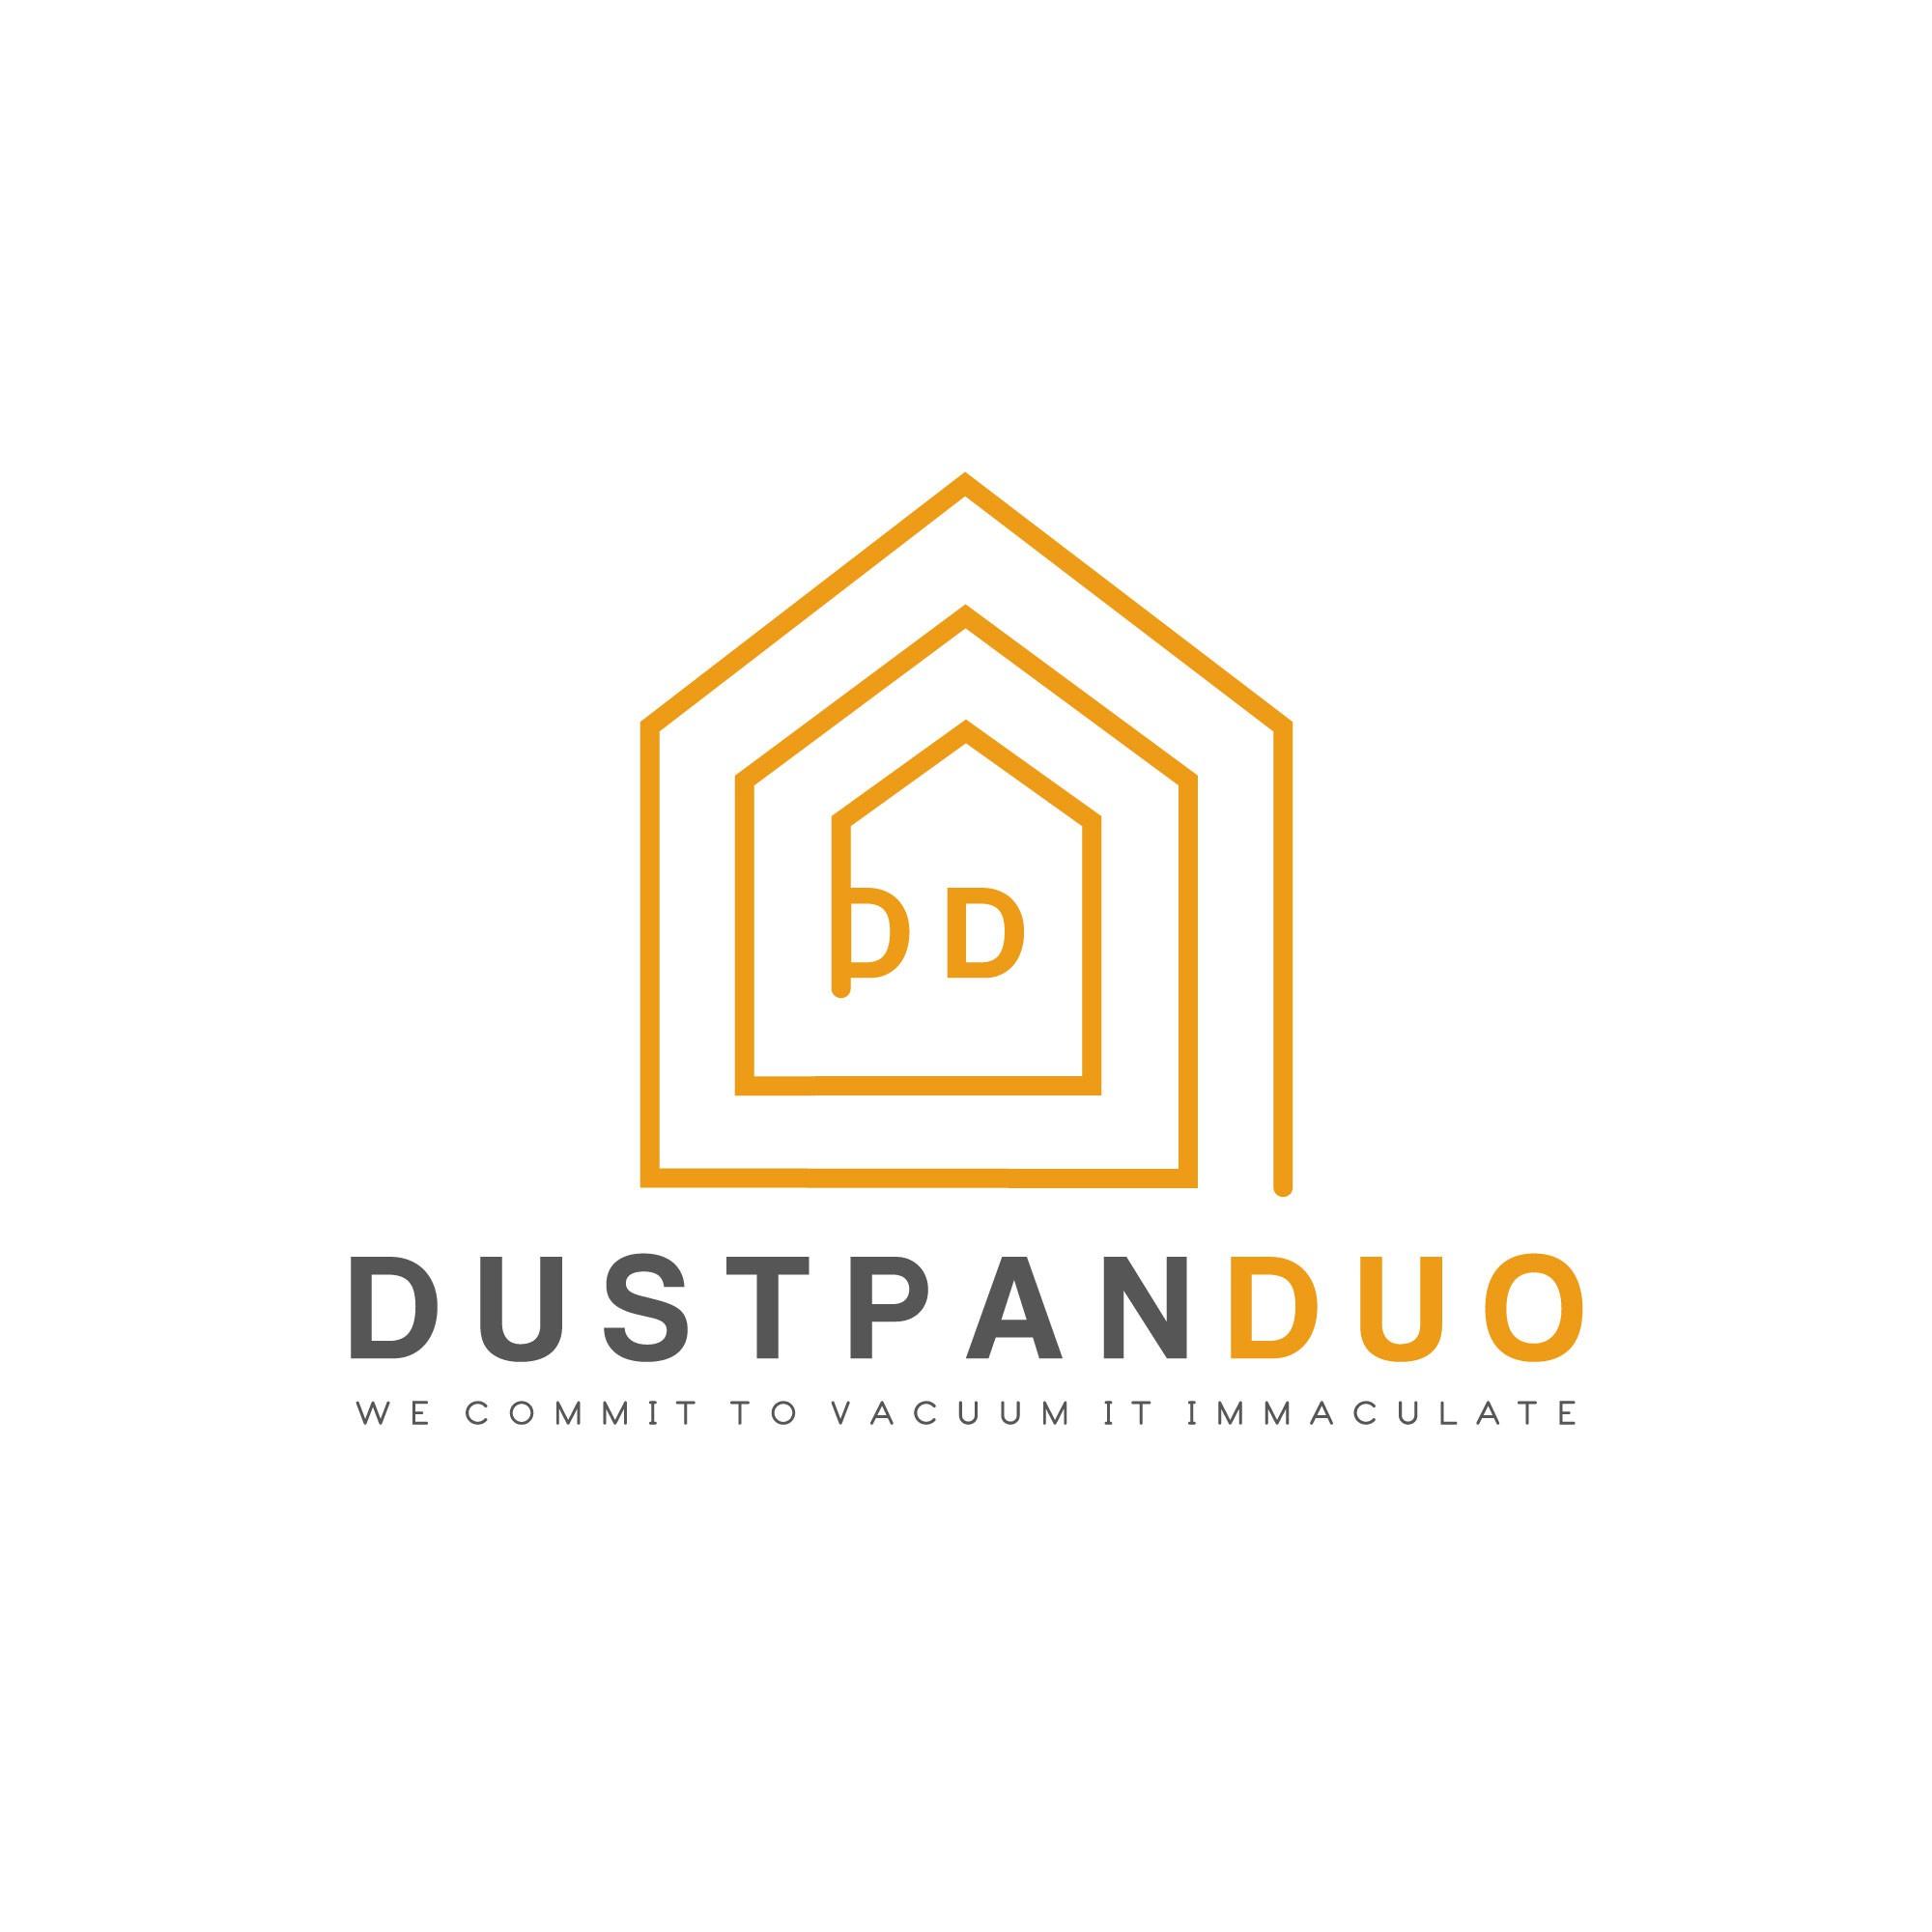 Dustpan Duo